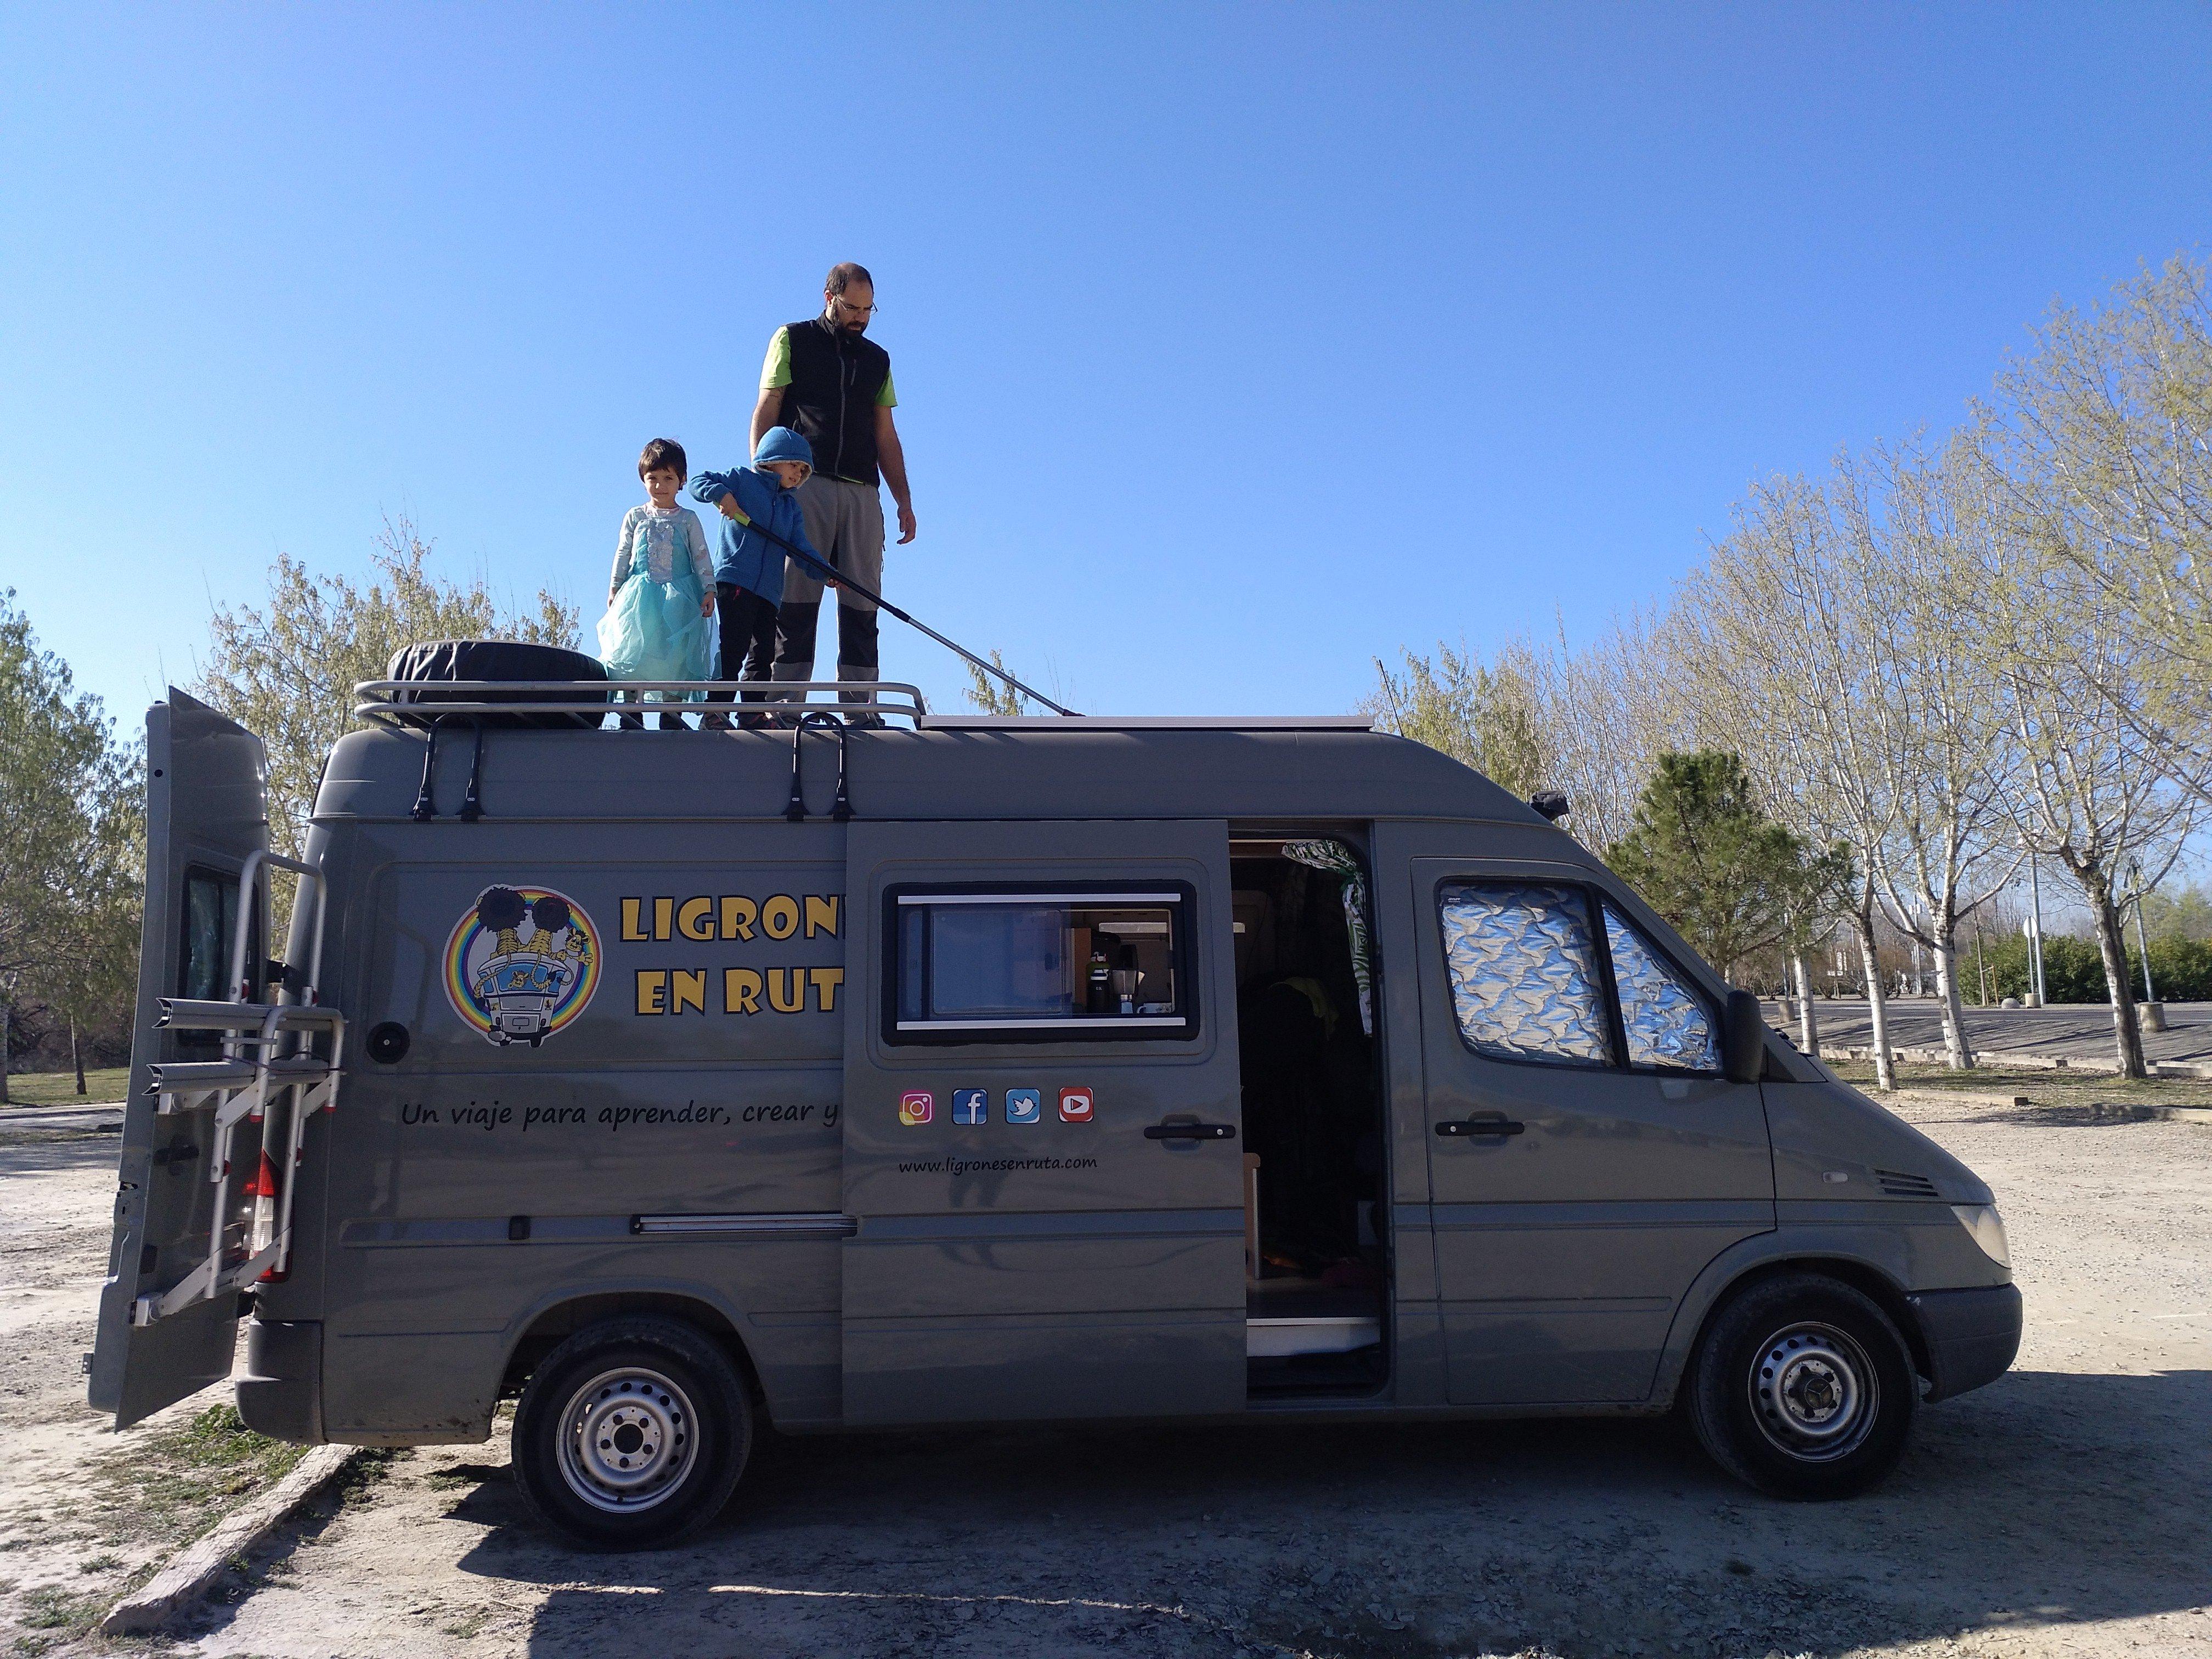 Ligrones en ruta. Cómo viajar en una furgoneta camper solo con billete de ida